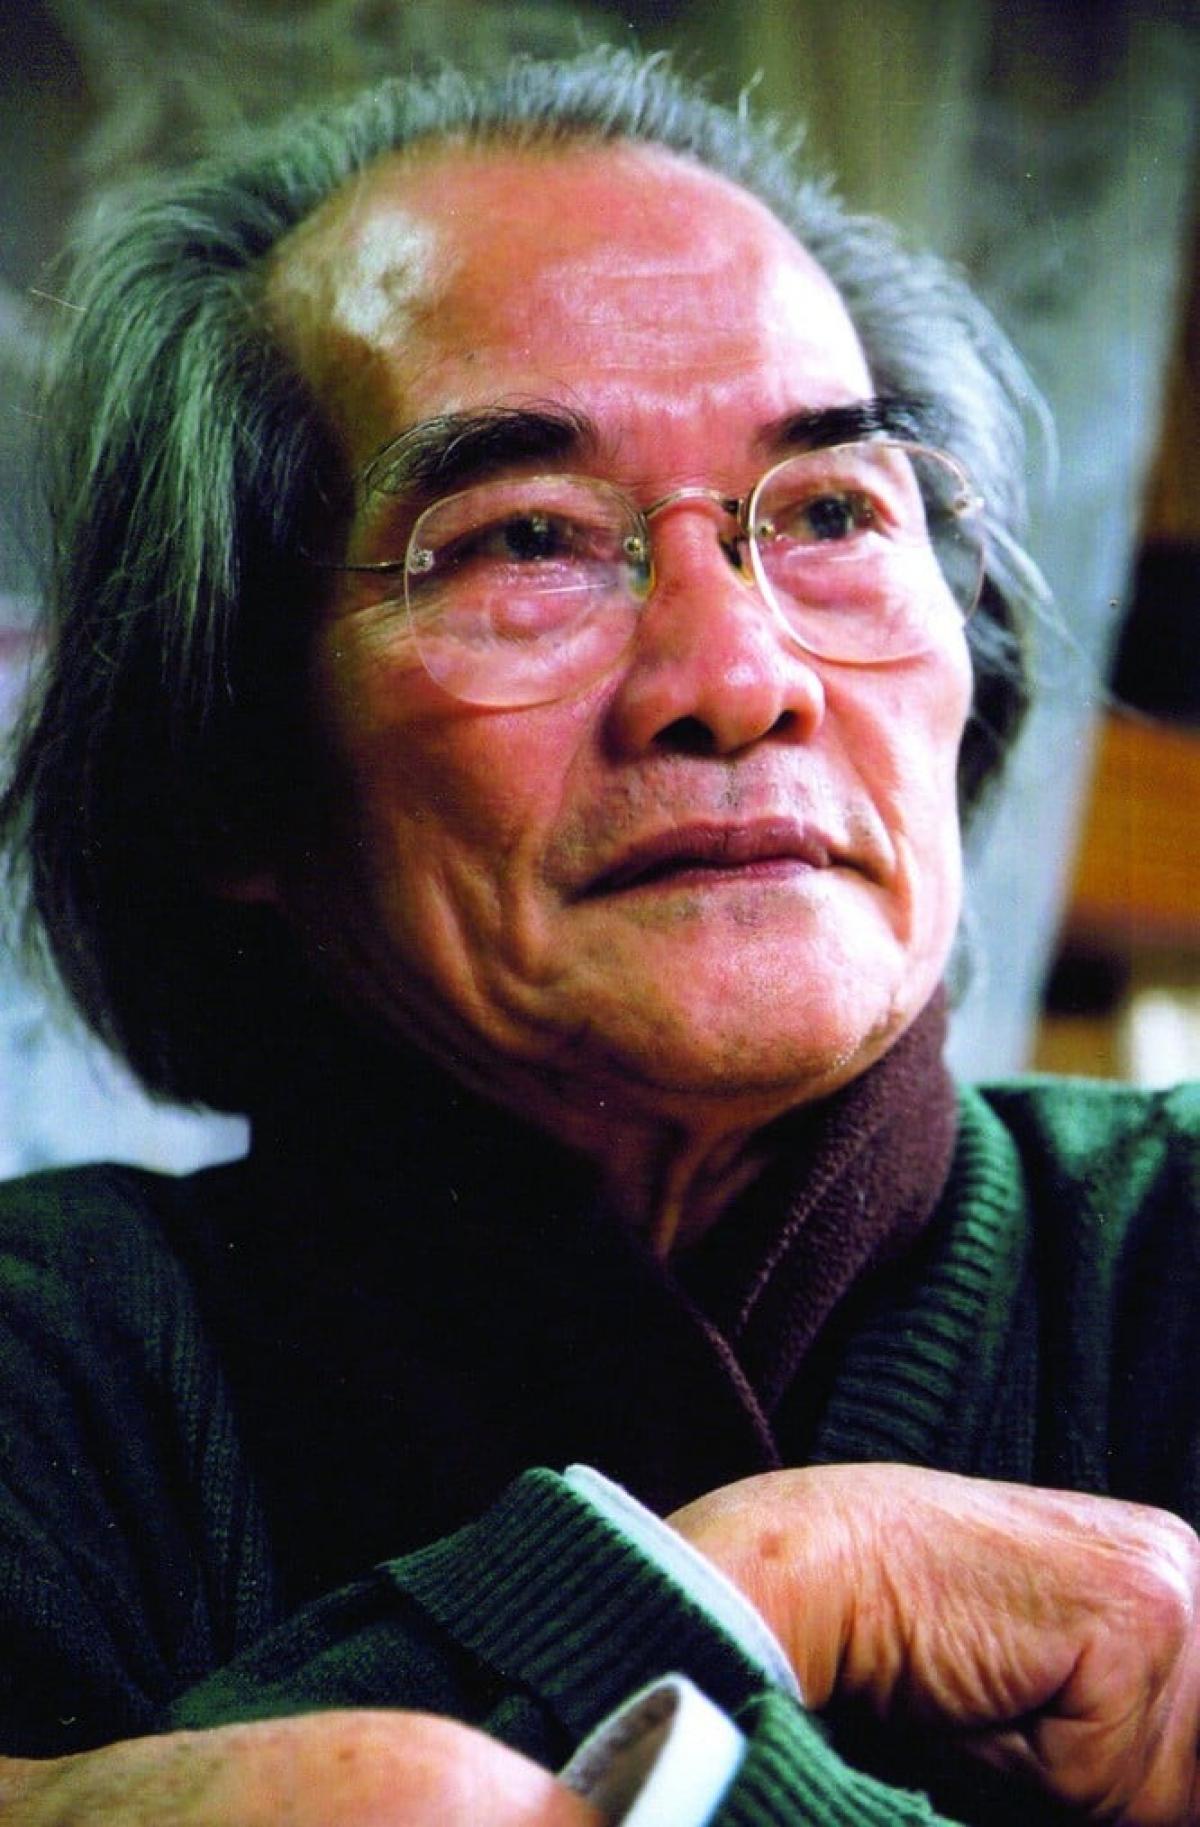 Nhà văn Sơn Tùng - tác giả tiểu thuyết 'Búp sen xanh' qua đời ở tuổi 93 - Ảnh 1.